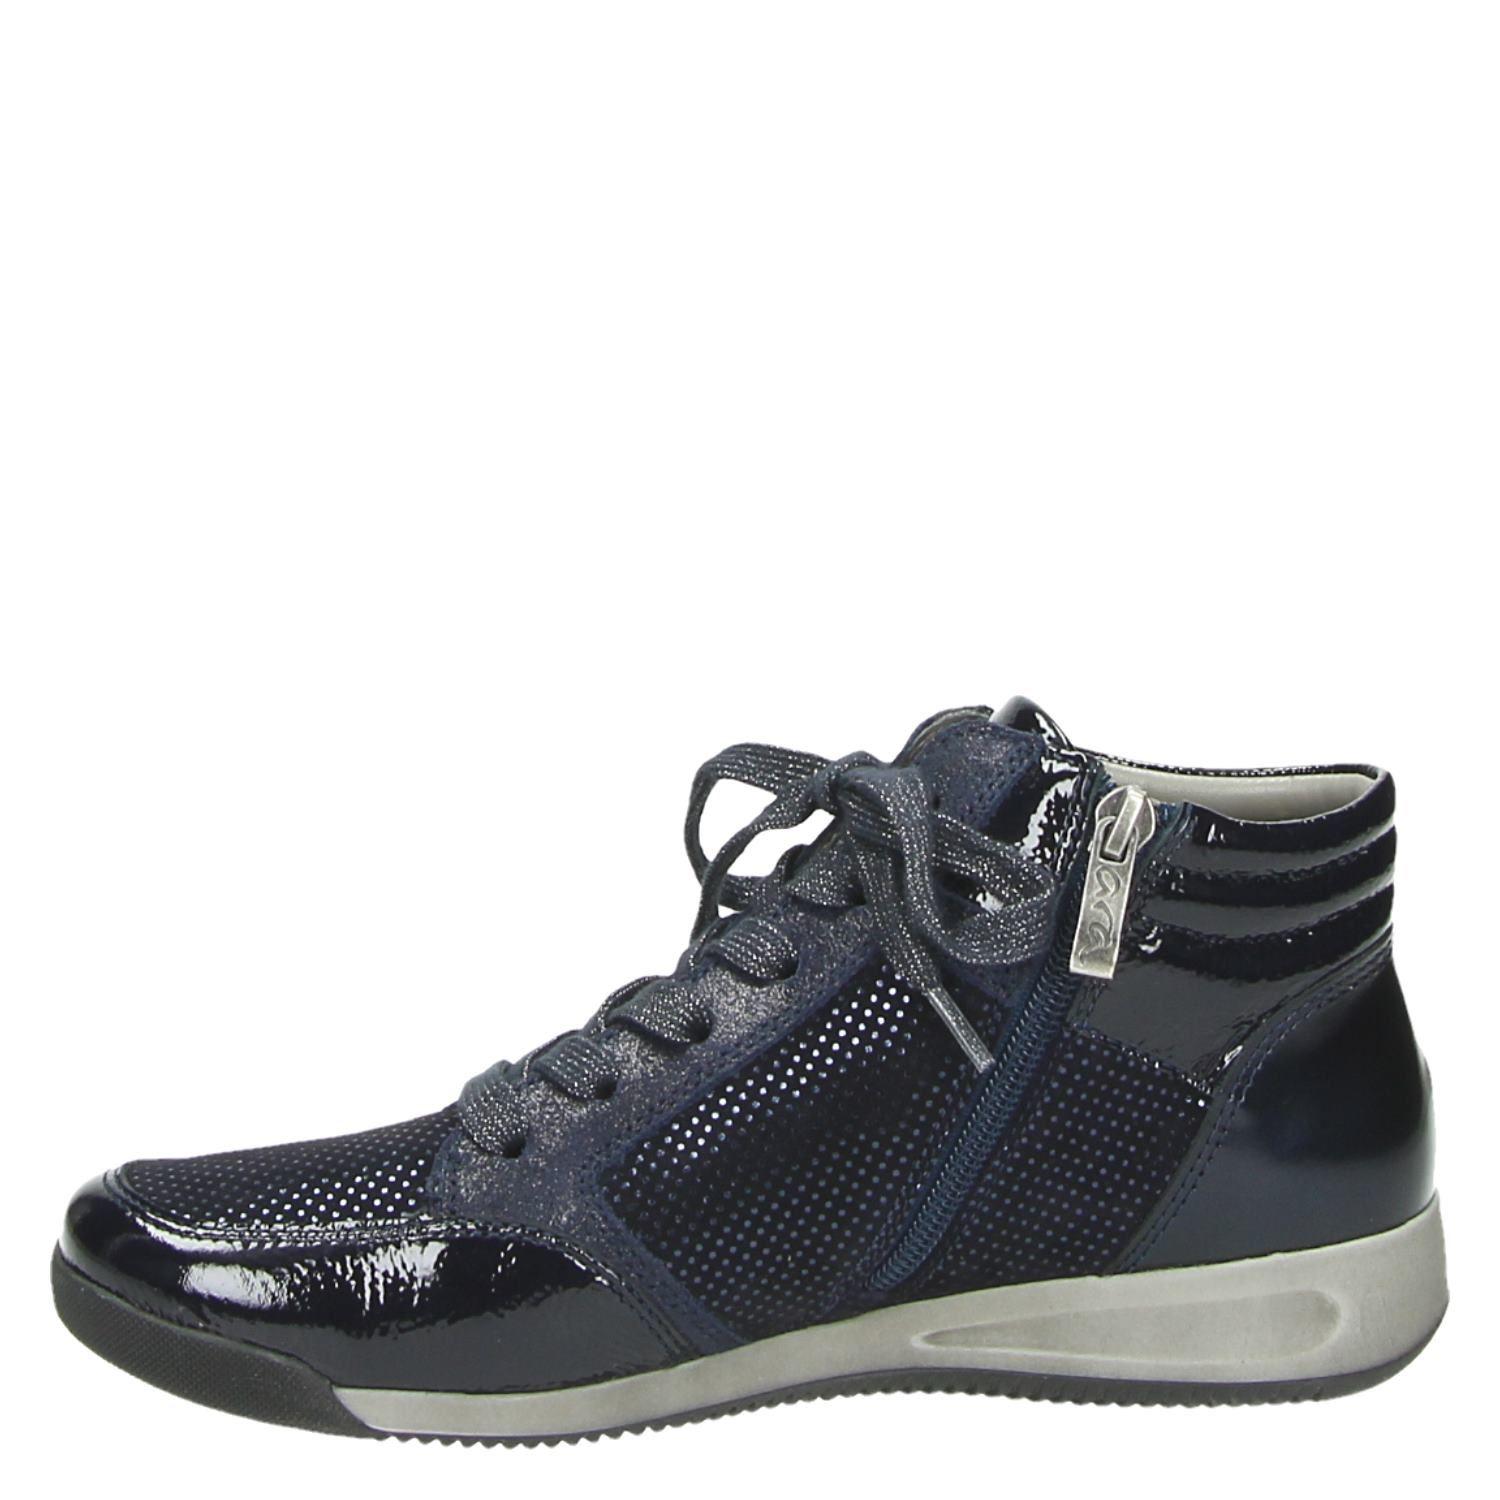 Chaussures Ara Bleu Avec Fermeture Éclair Pour Les Femmes oZkK3fKpU